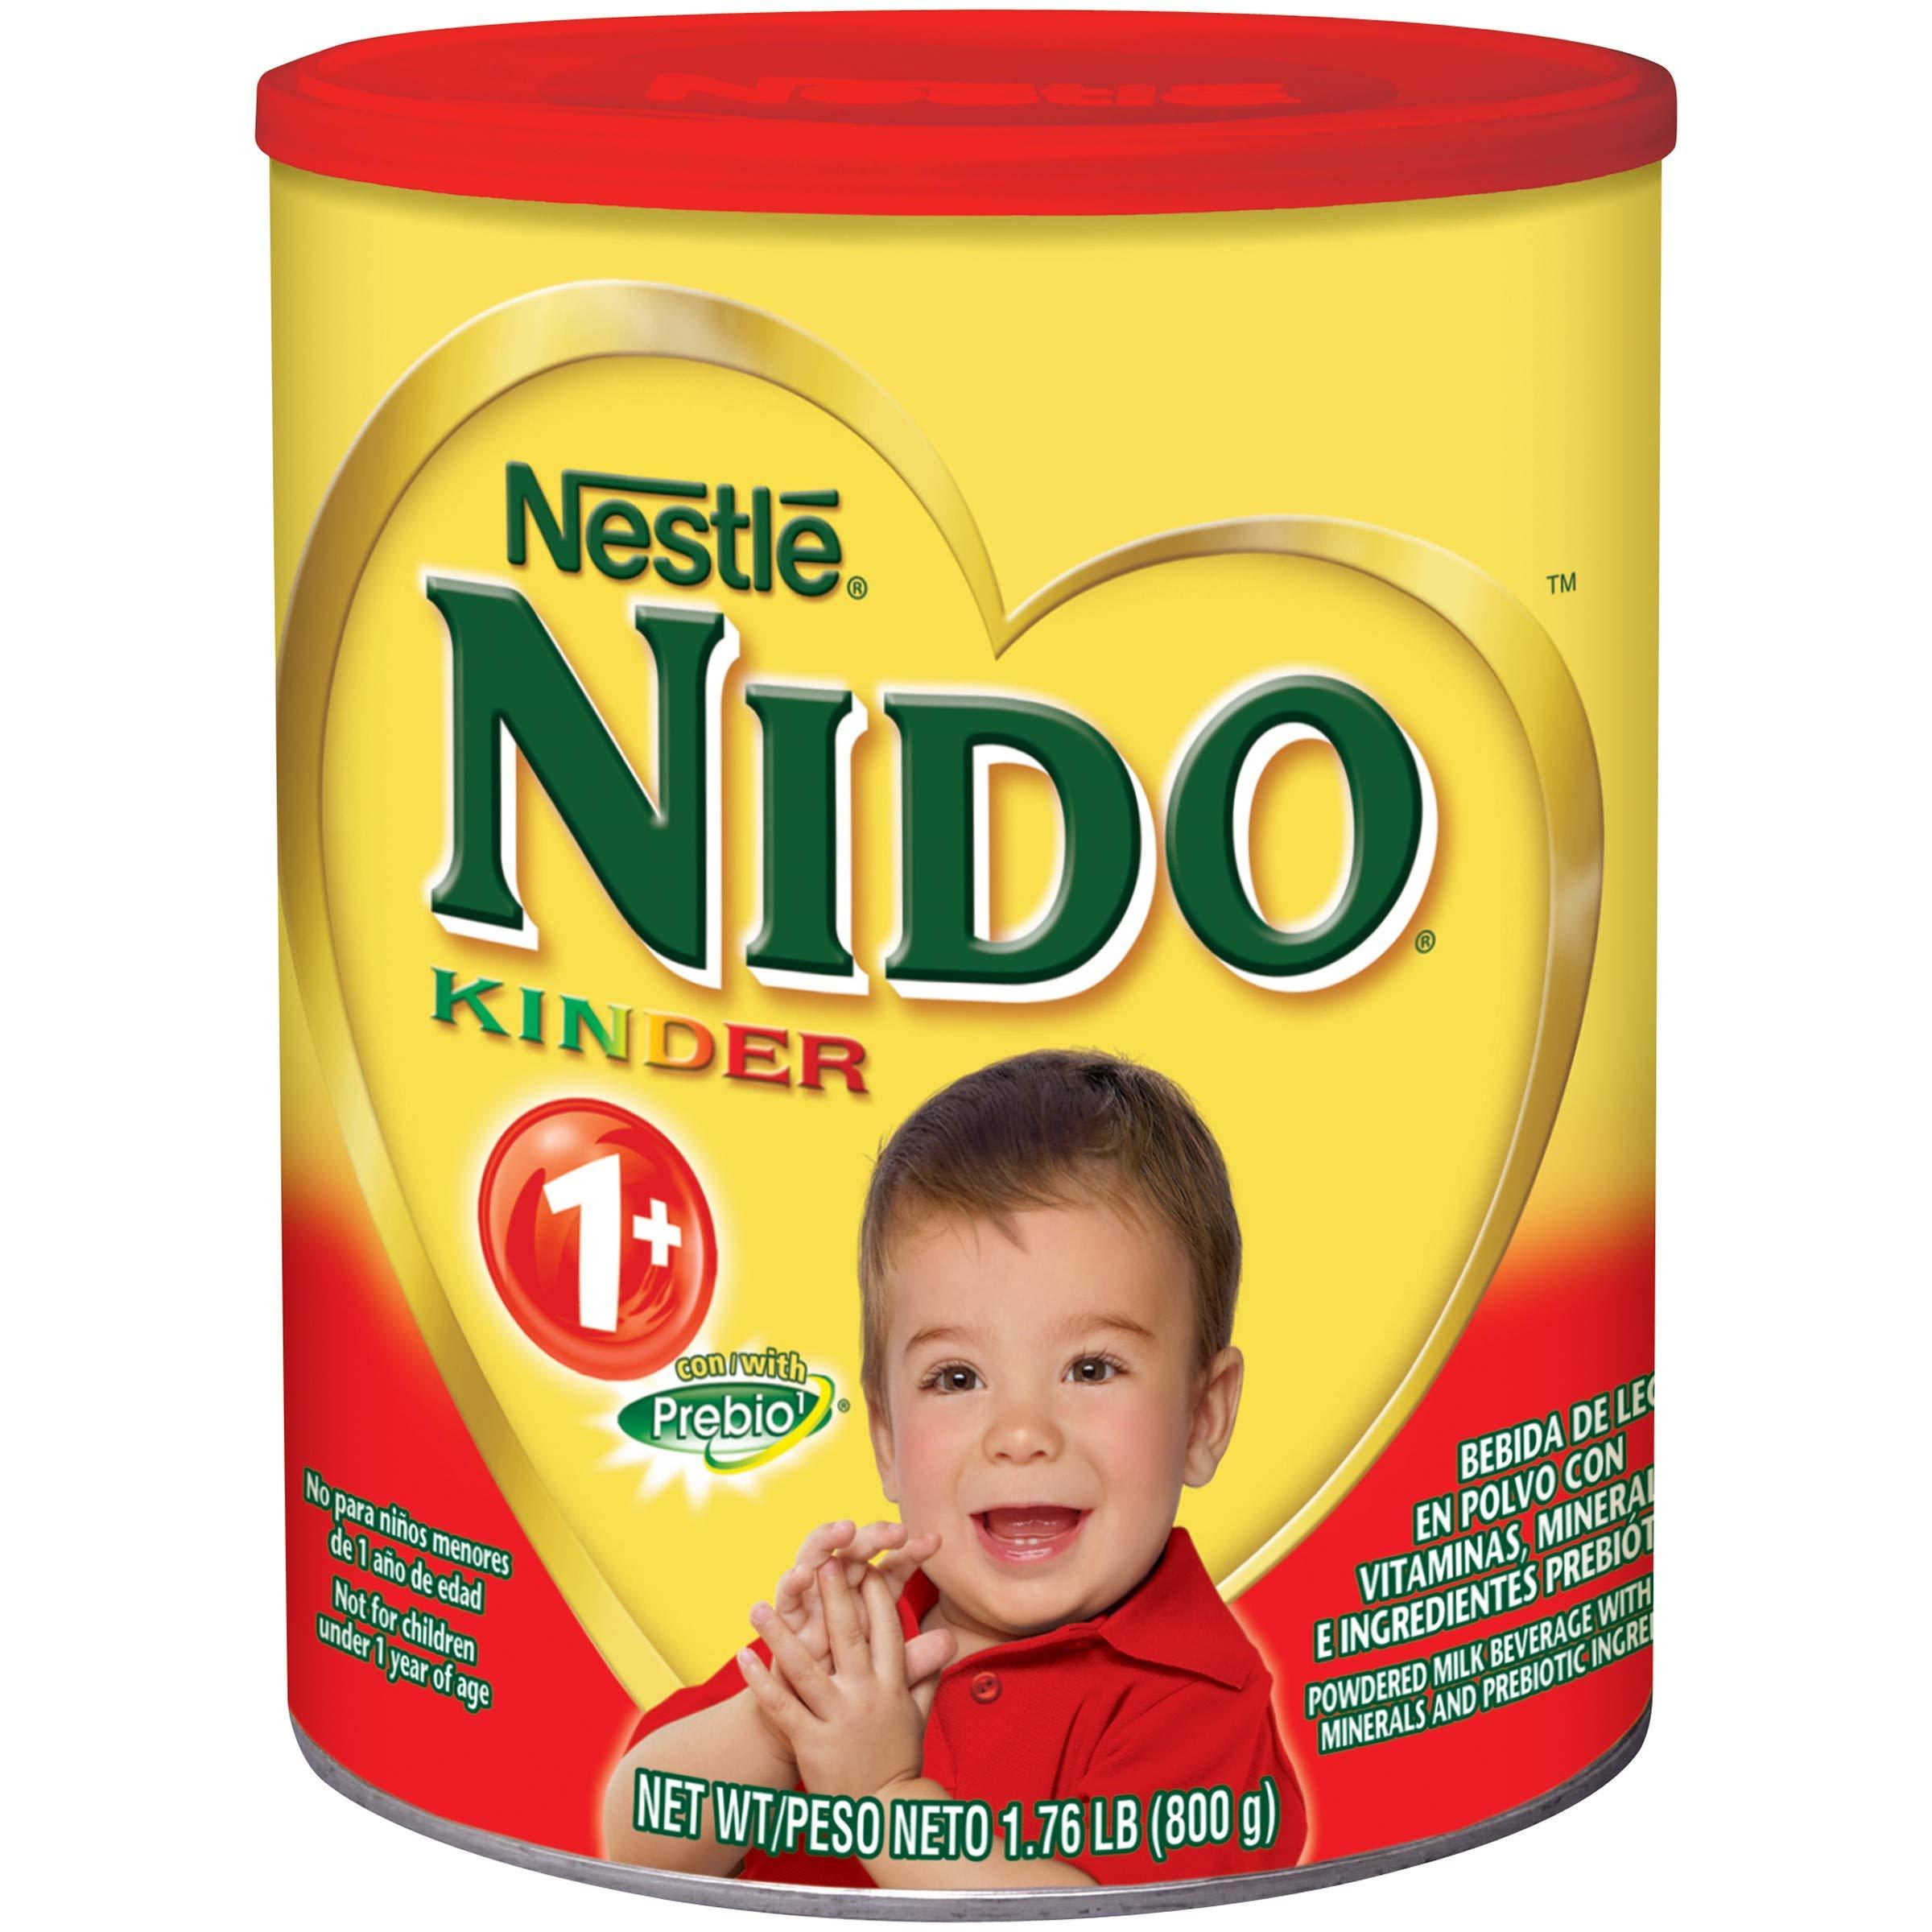 NESTLE NIDO Kinder 1+ Powdered Milk Beverage 1.76 lb. Canister (2 pack) by Nido (Image #1)